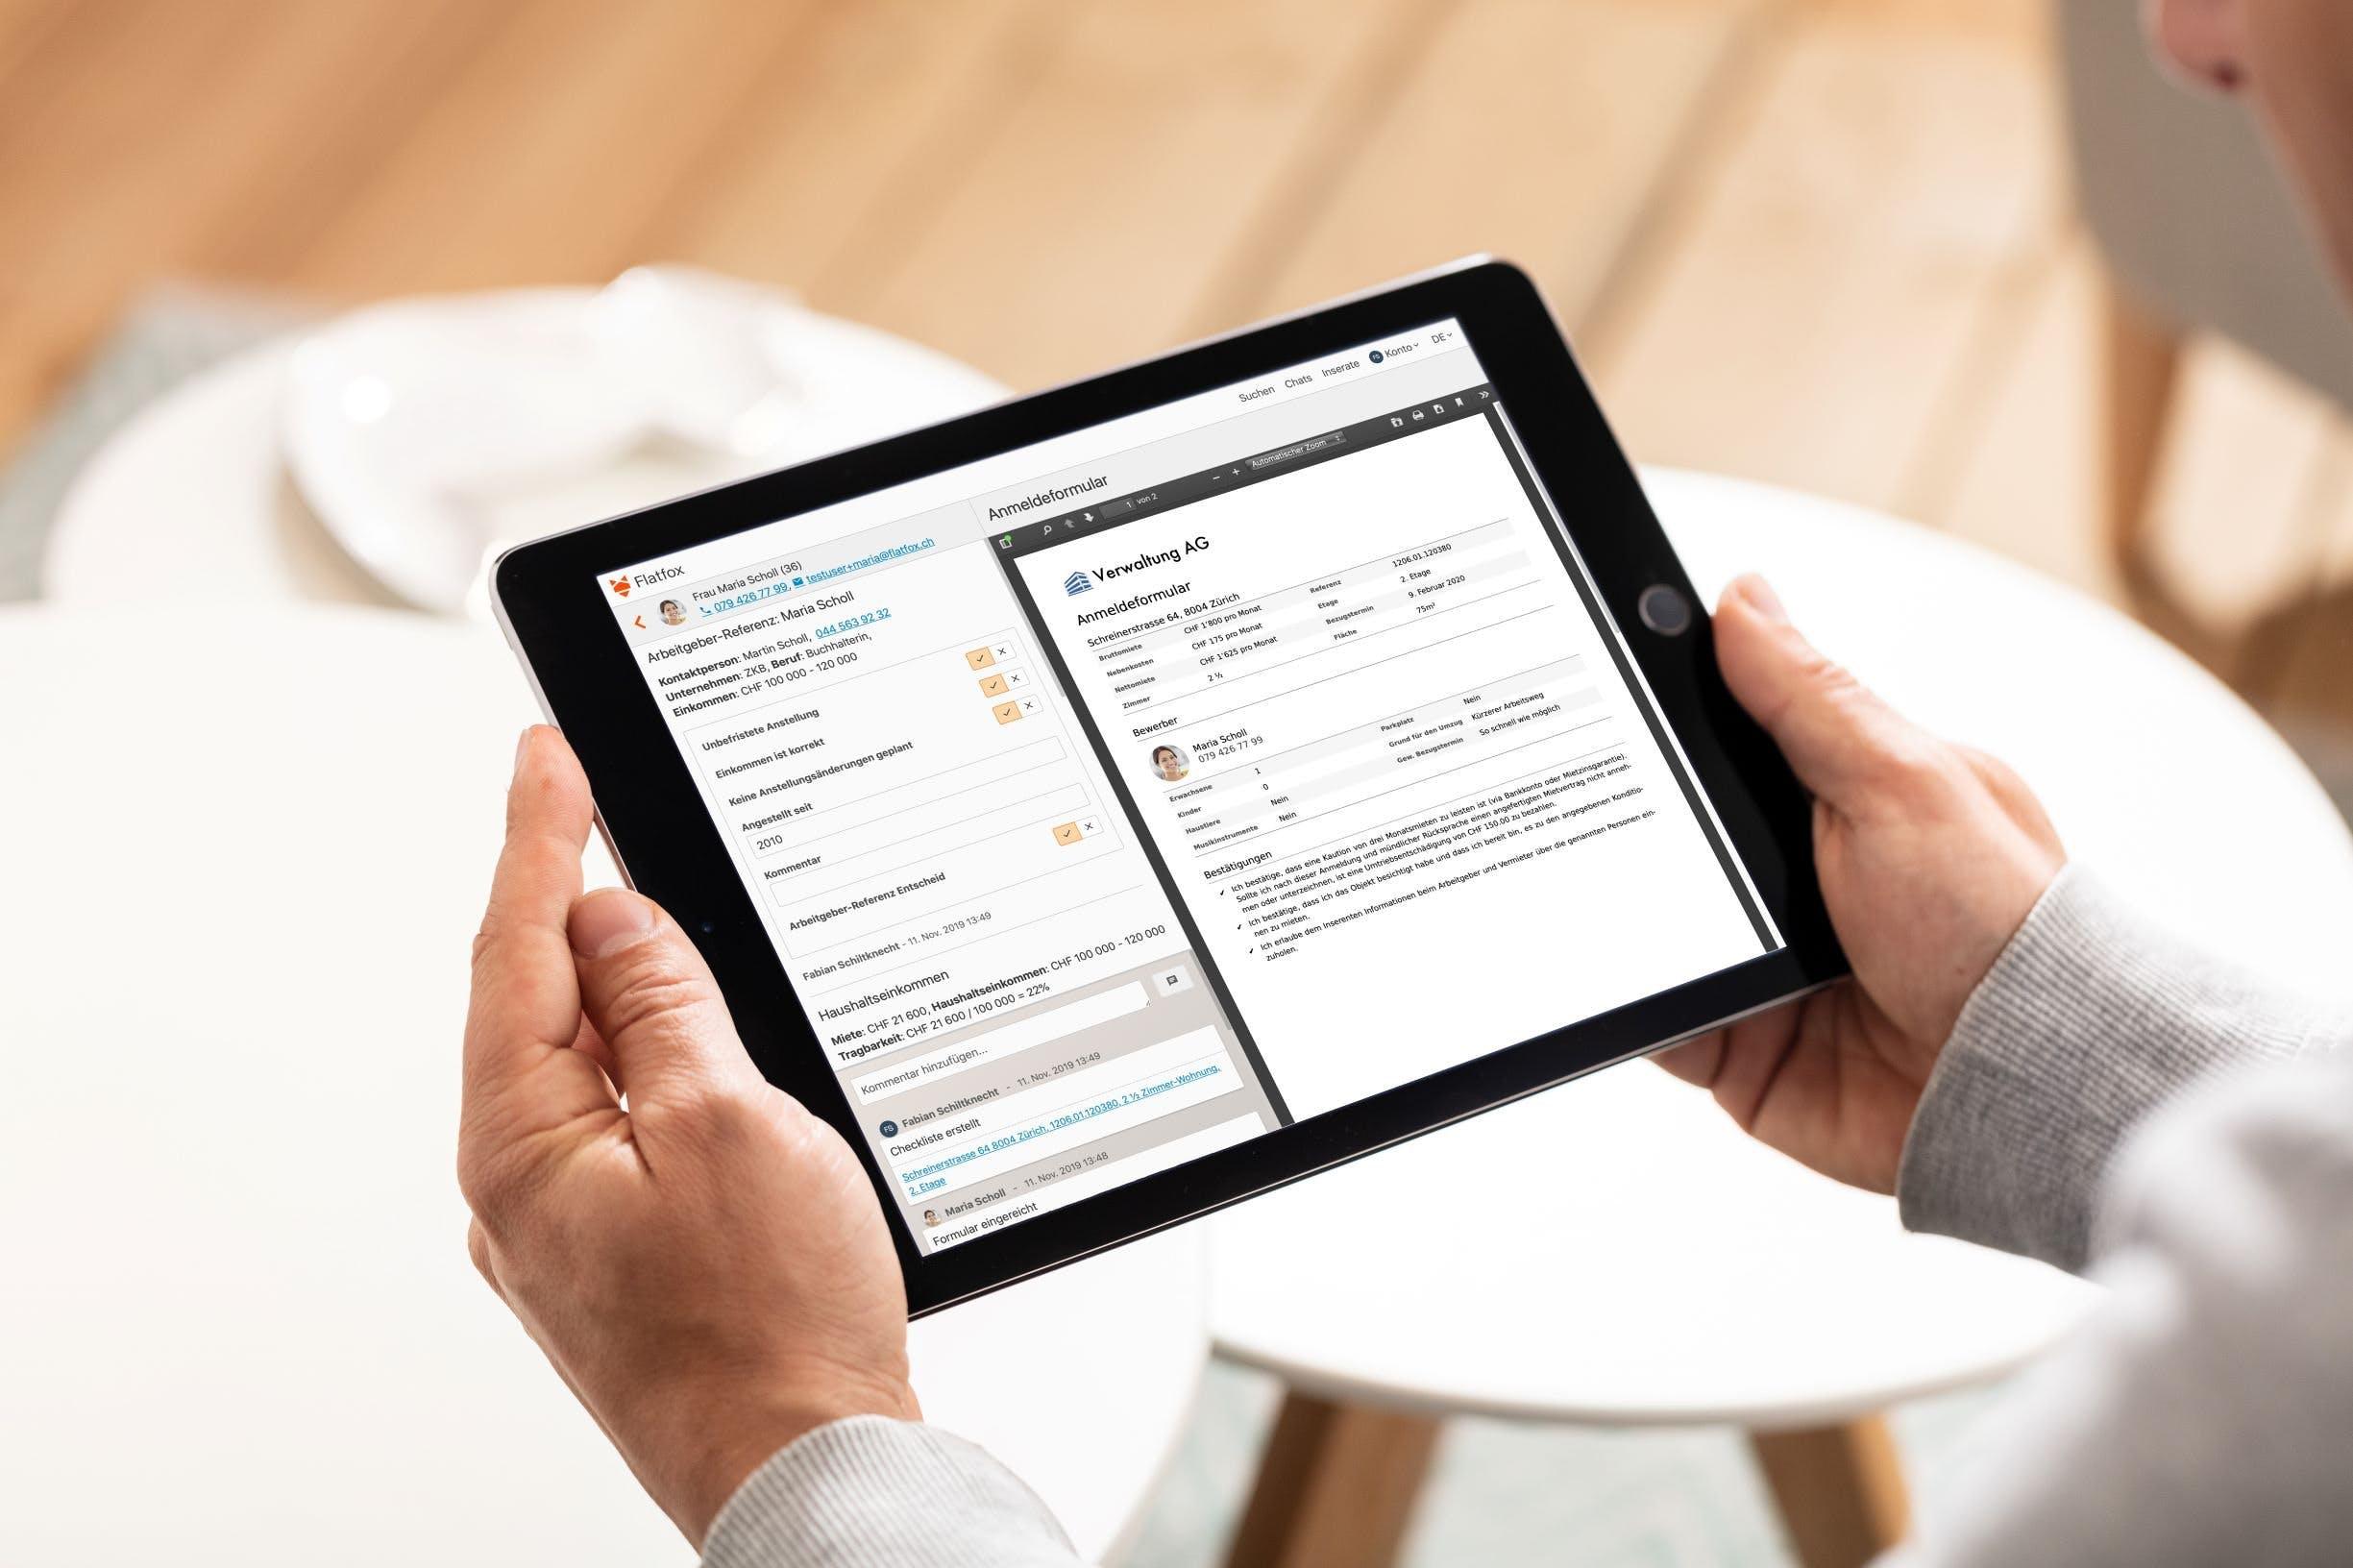 Digitale Prozesse führen zu mehr Effizienz bei der Vermietung (Quelle: Flatfox)